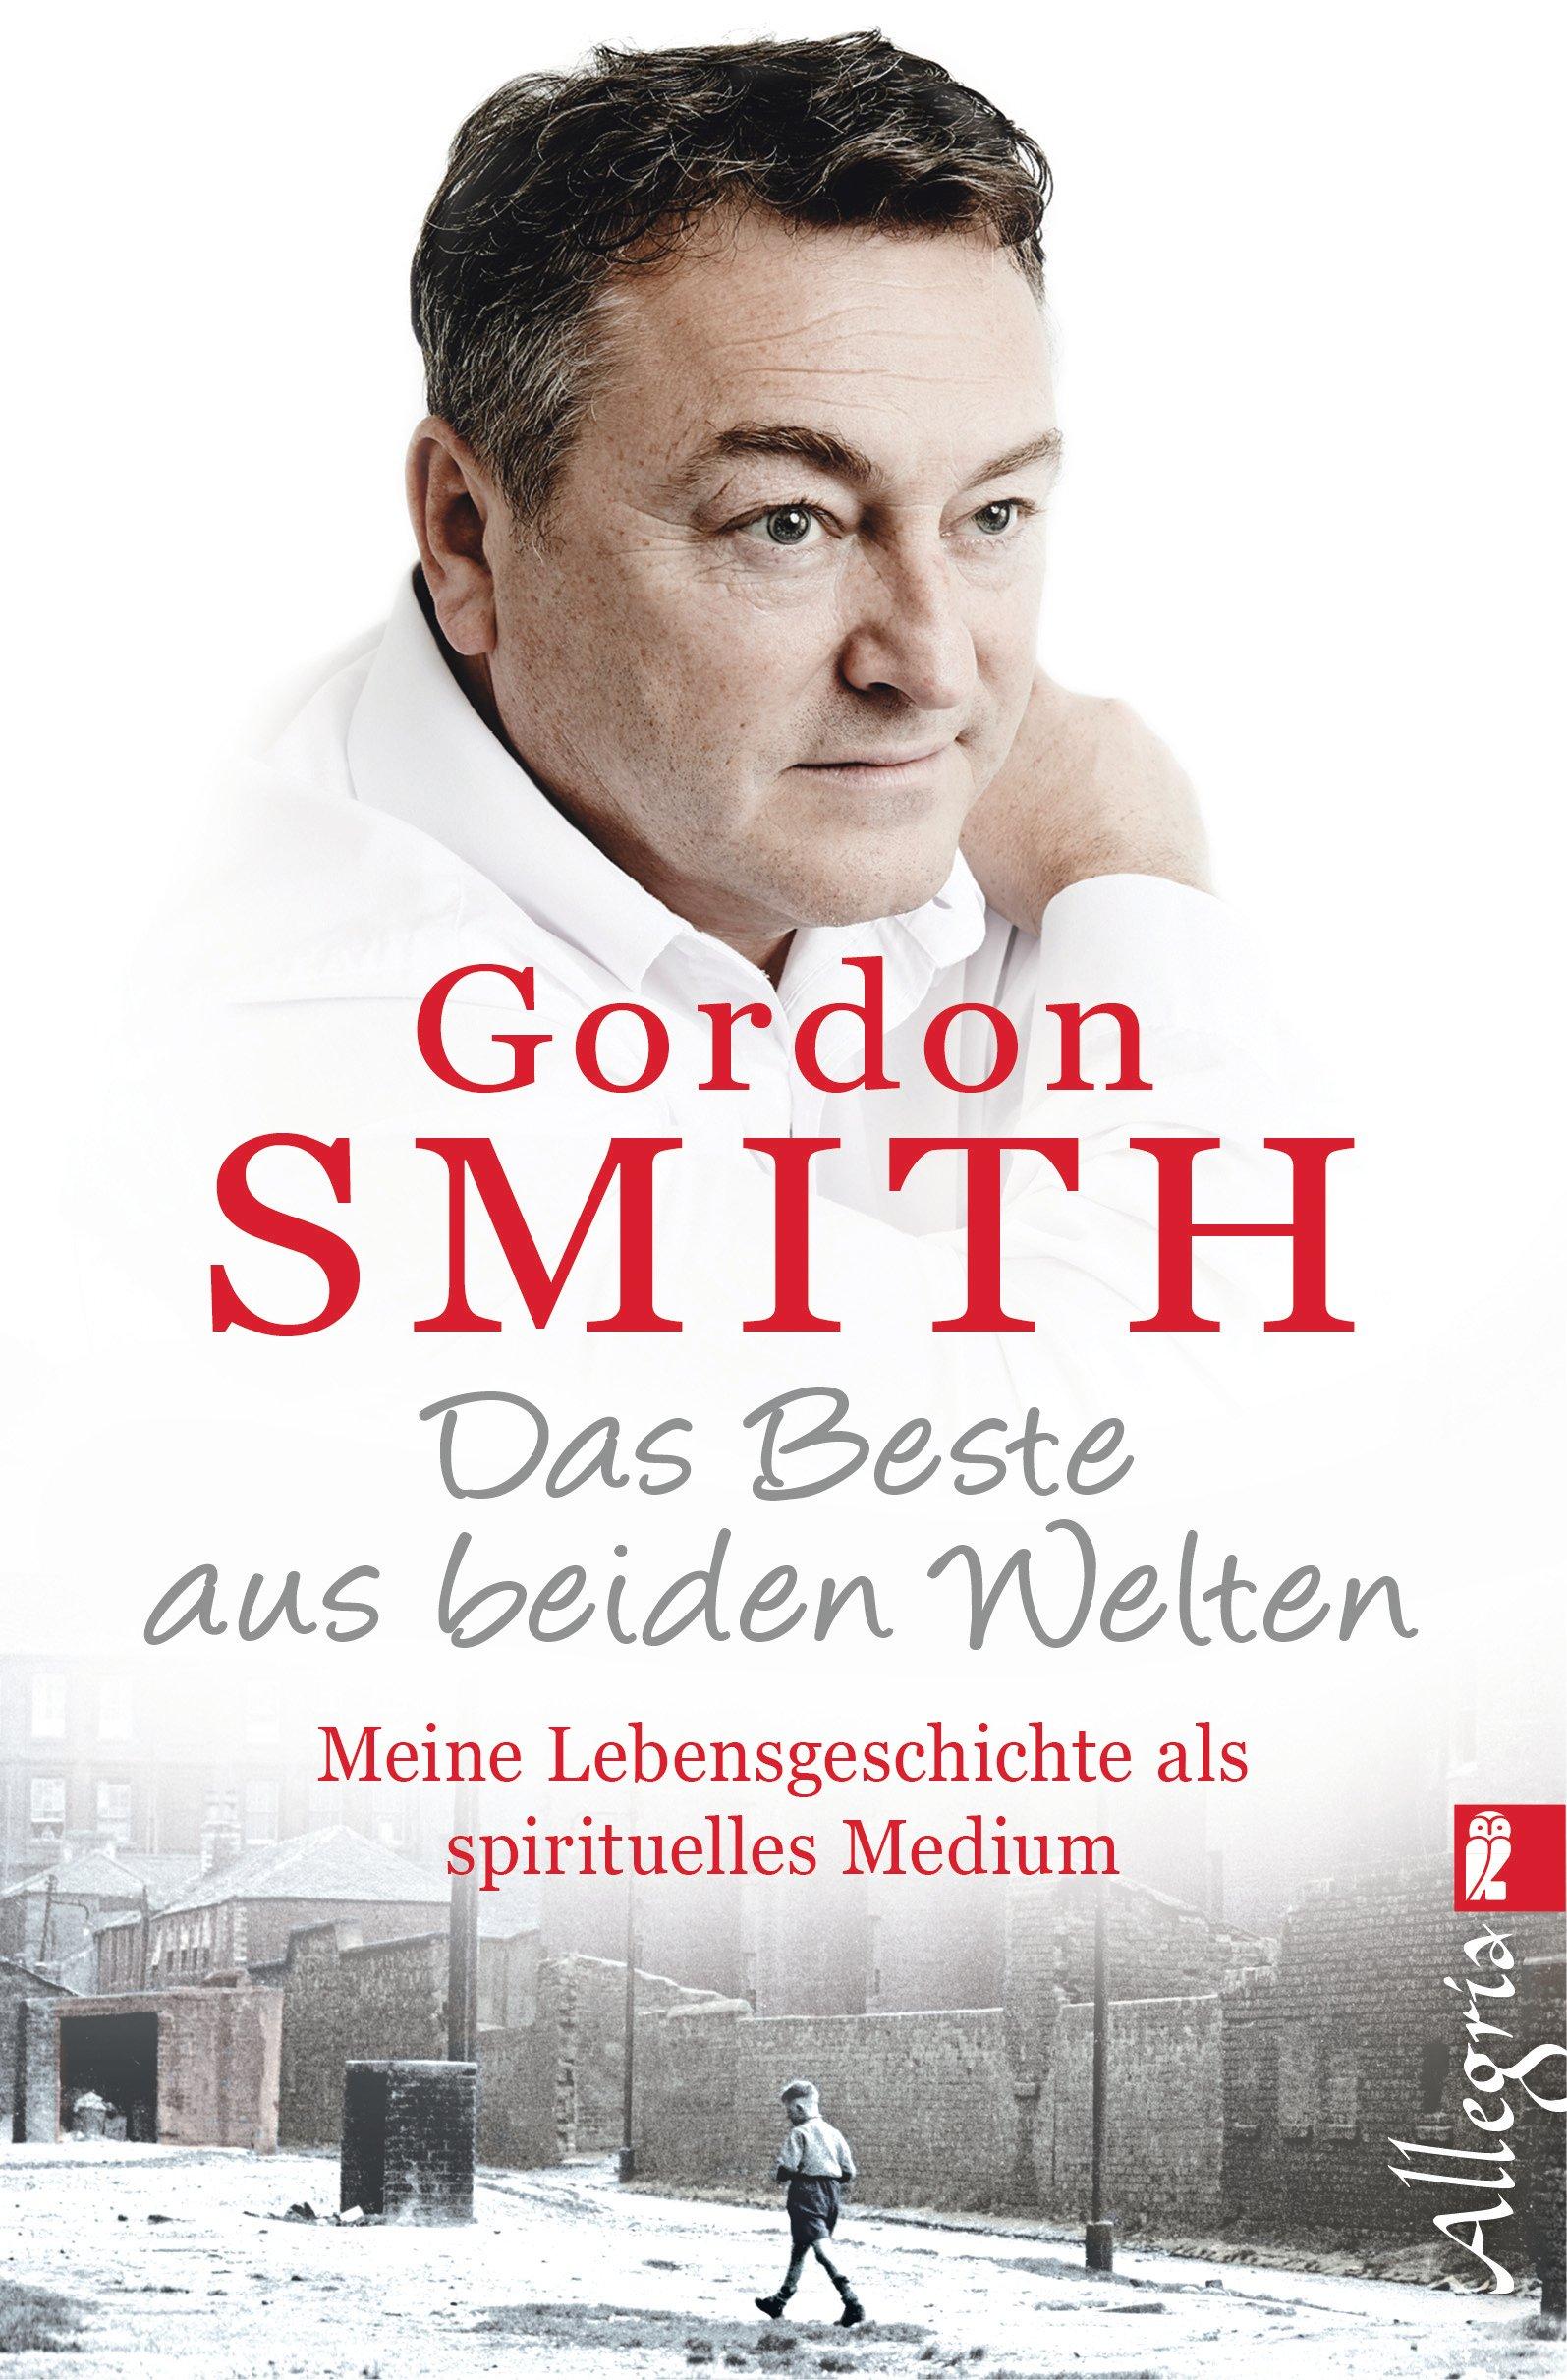 Das Beste aus beiden Welten: Meine Lebensgeschichte als spirituelles Medium Broschiert – 8. April 2015 Gordon Smith Gabriel Stein Allegria Taschenbuch 3548746292